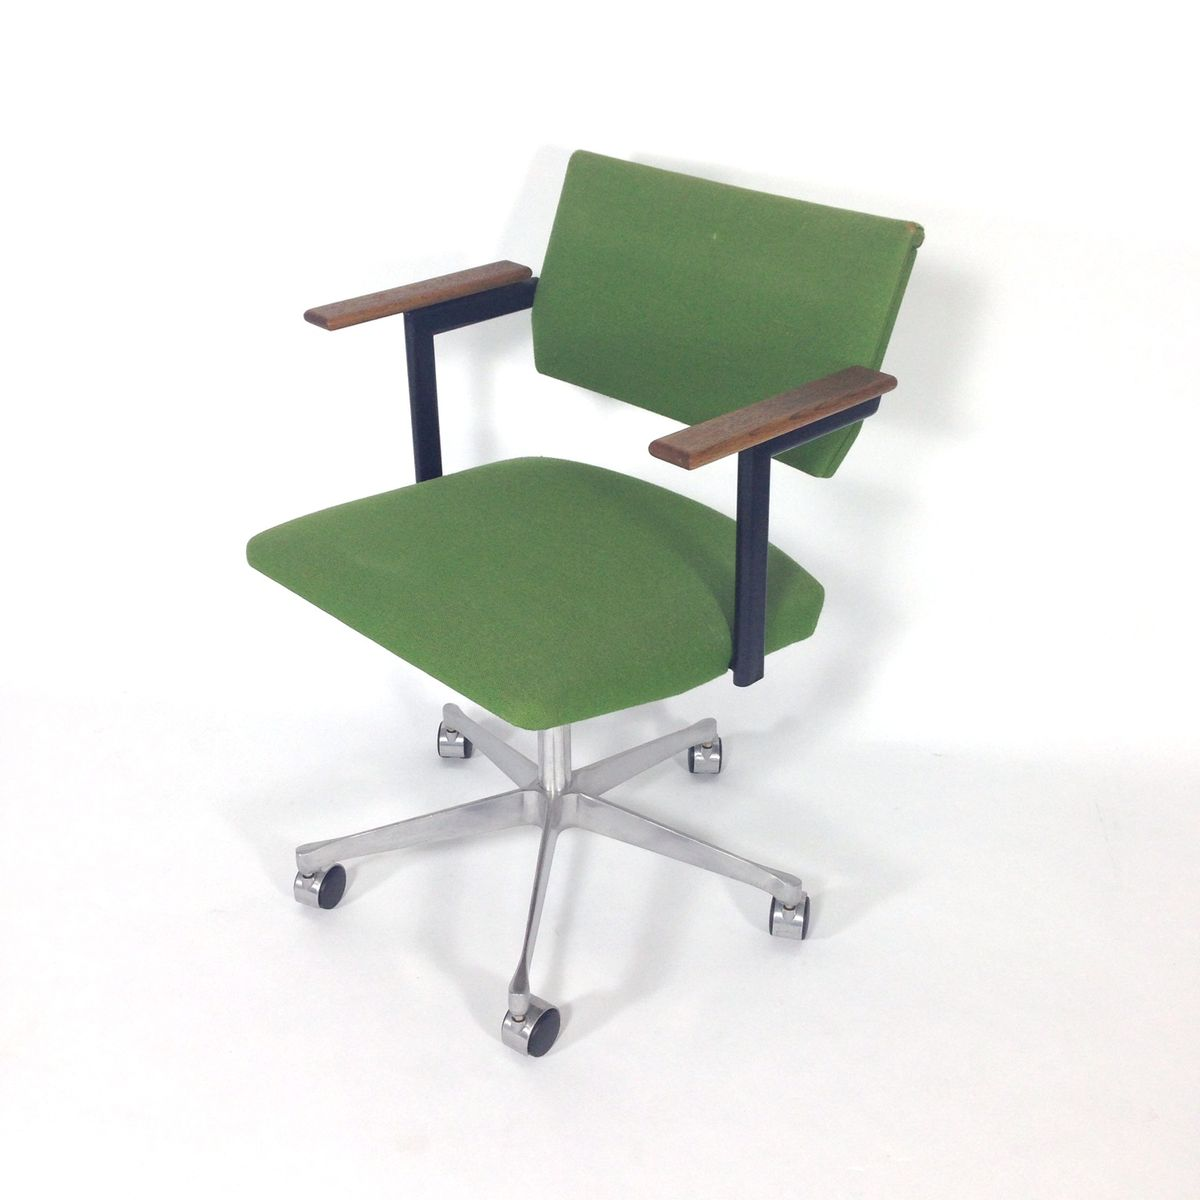 Ariadne Swivel Desk Chair by Friso Kramer for Auping for